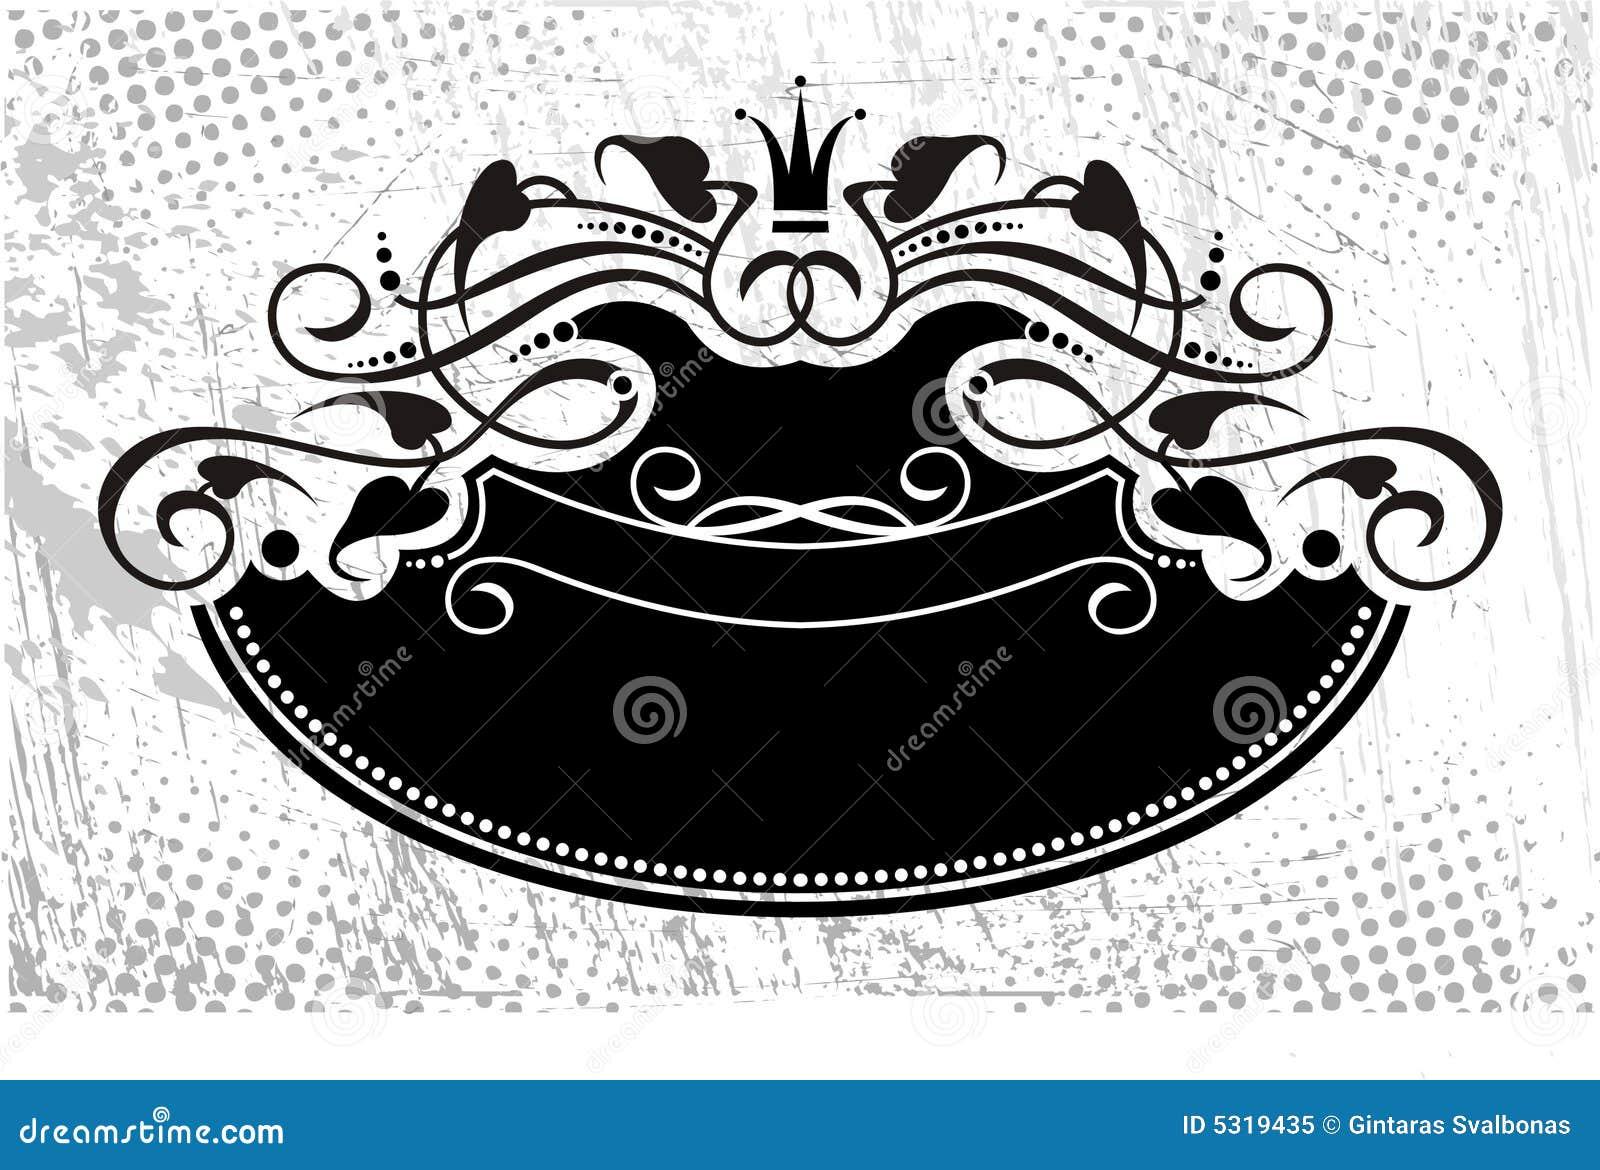 Download Arricciature Floreali Con La Parte Superiore Qui Sopra Illustrazione Vettoriale - Illustrazione di mano, etichetta: 5319435